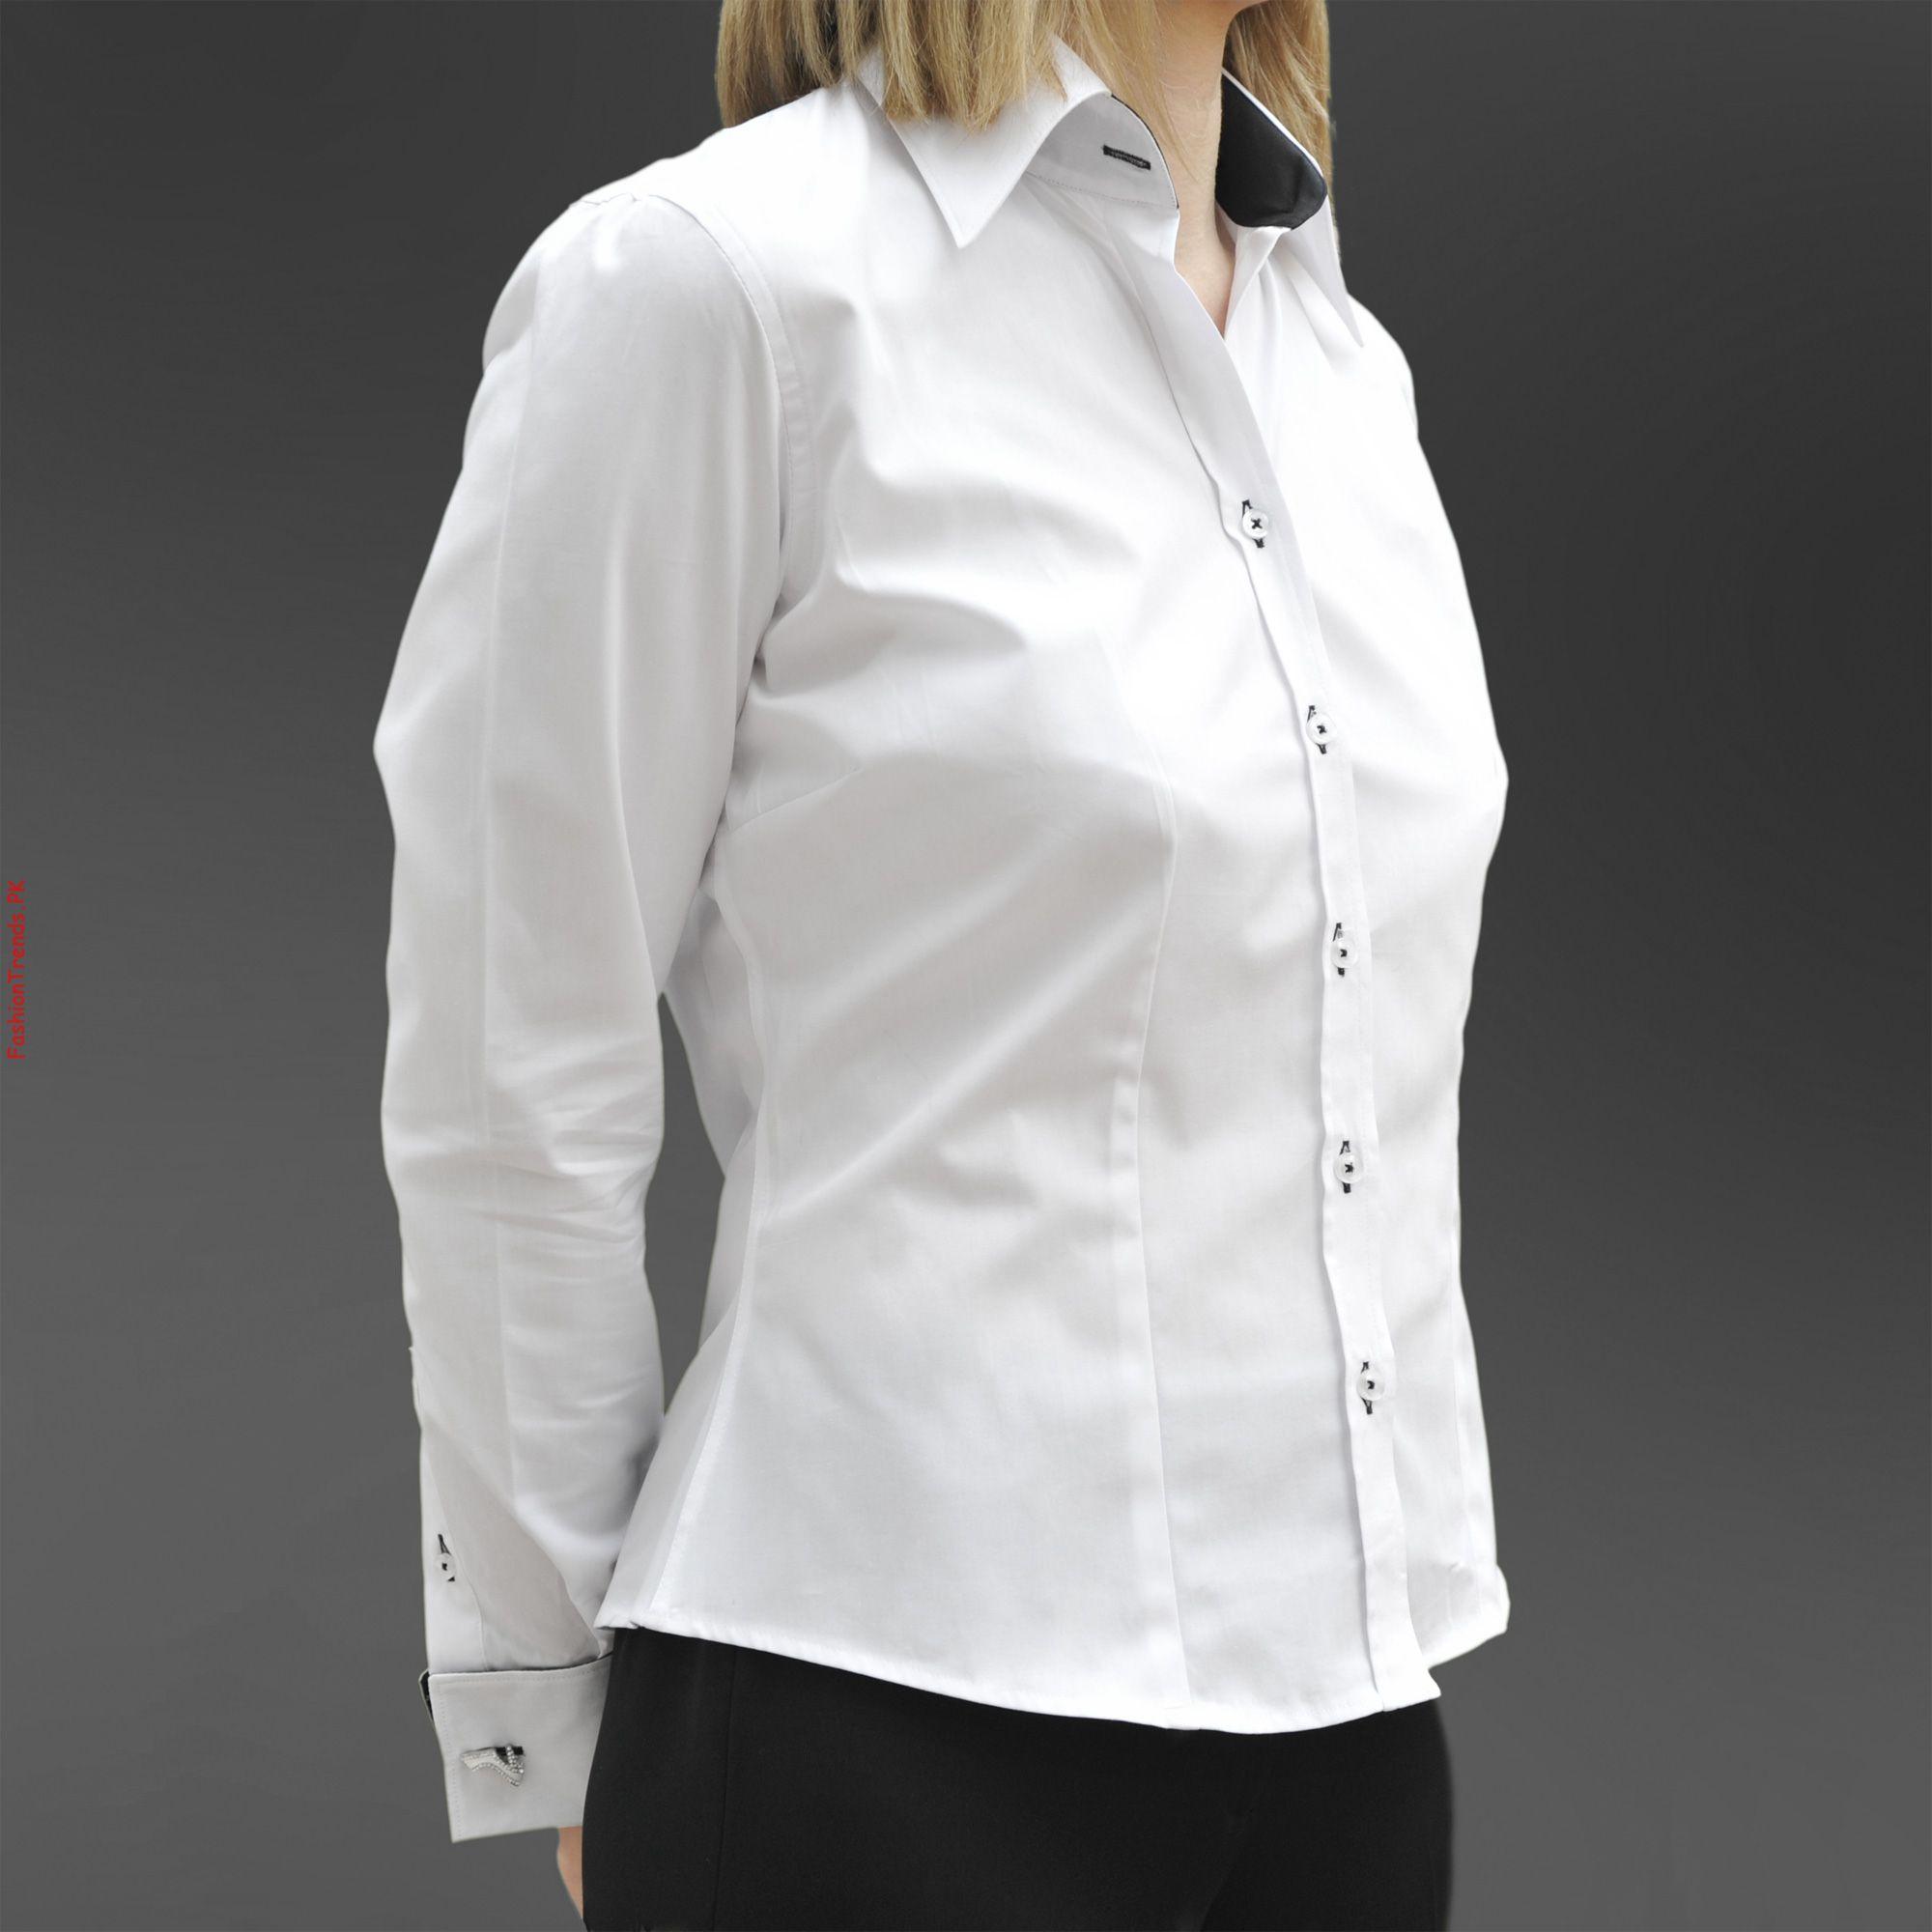 e3bf981759 Camisa feminina é atemporal e cai bem compondo o visual casual